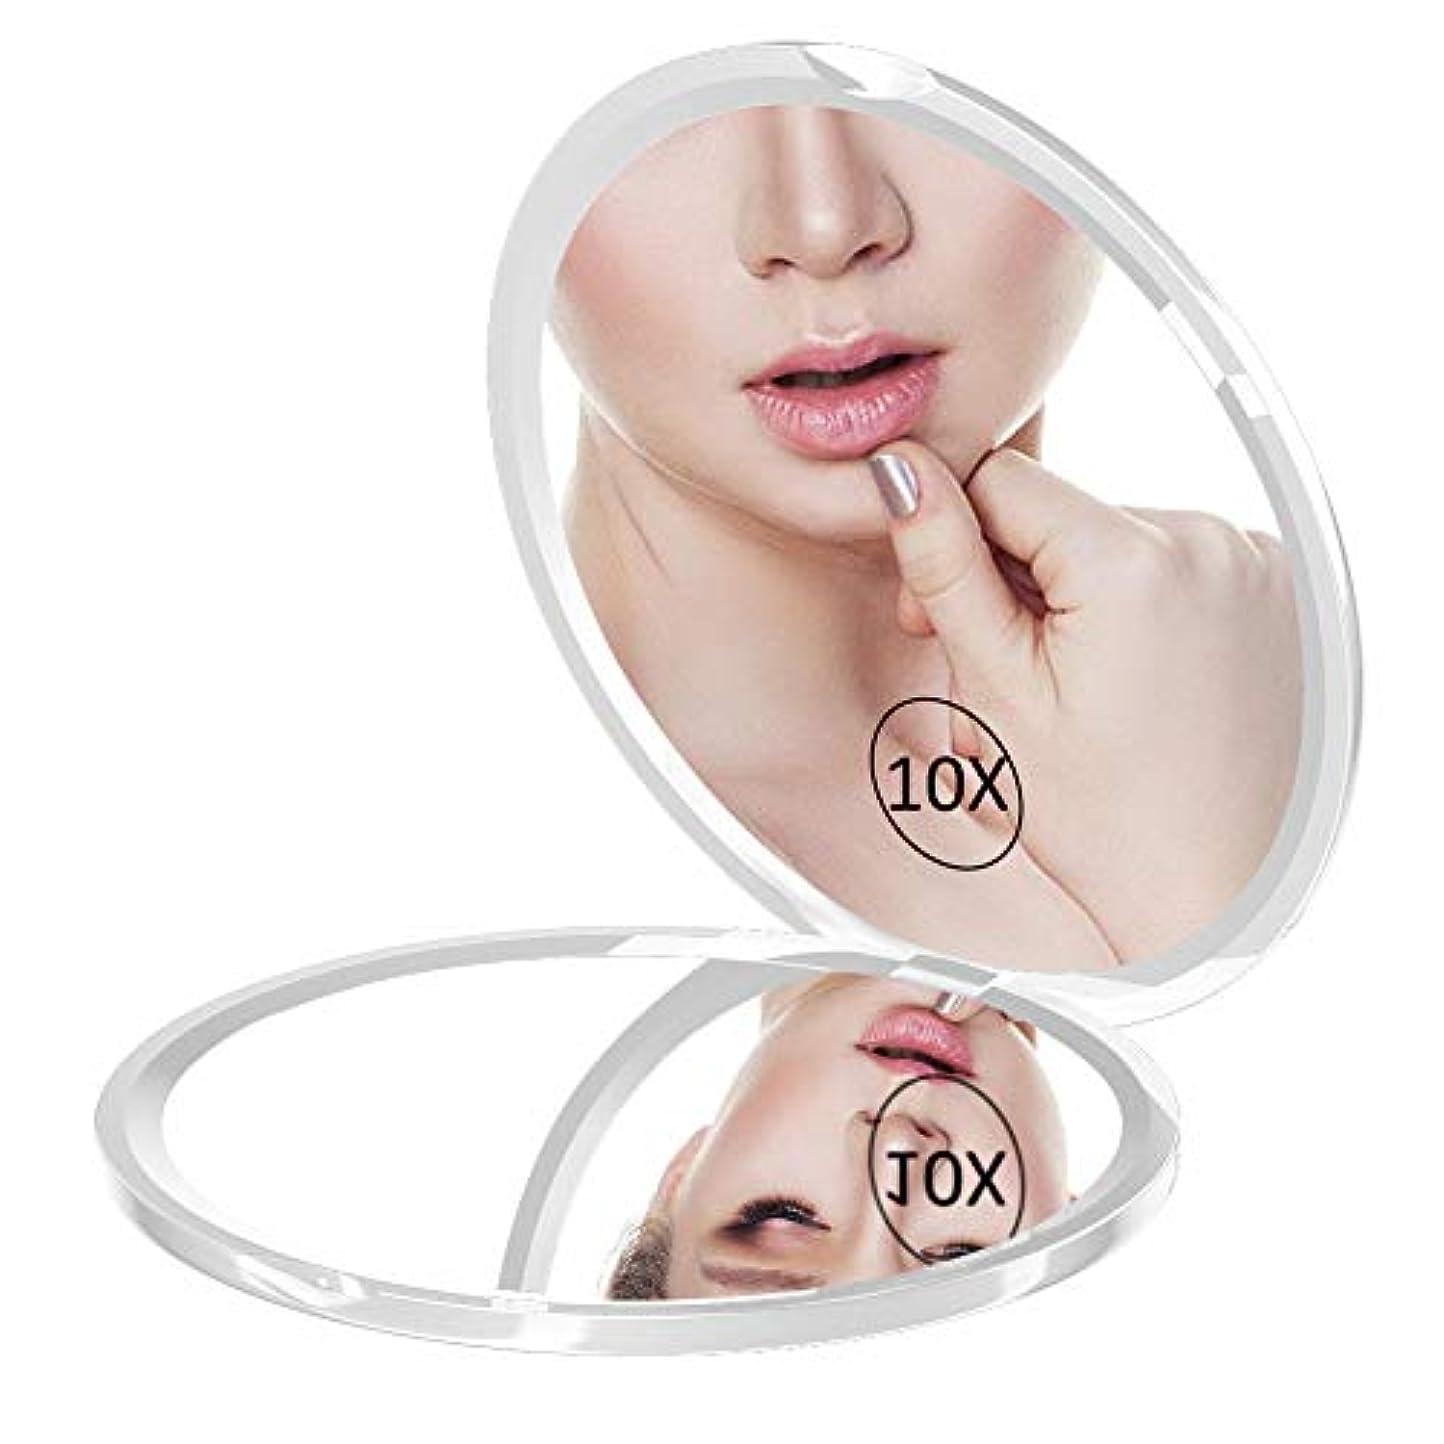 スクリーチ足枷ブラウズコンパクトミラー WEILY 化粧鏡 10倍拡大鏡 折りたたみ鏡 手鏡 両面鏡(ホワイト)